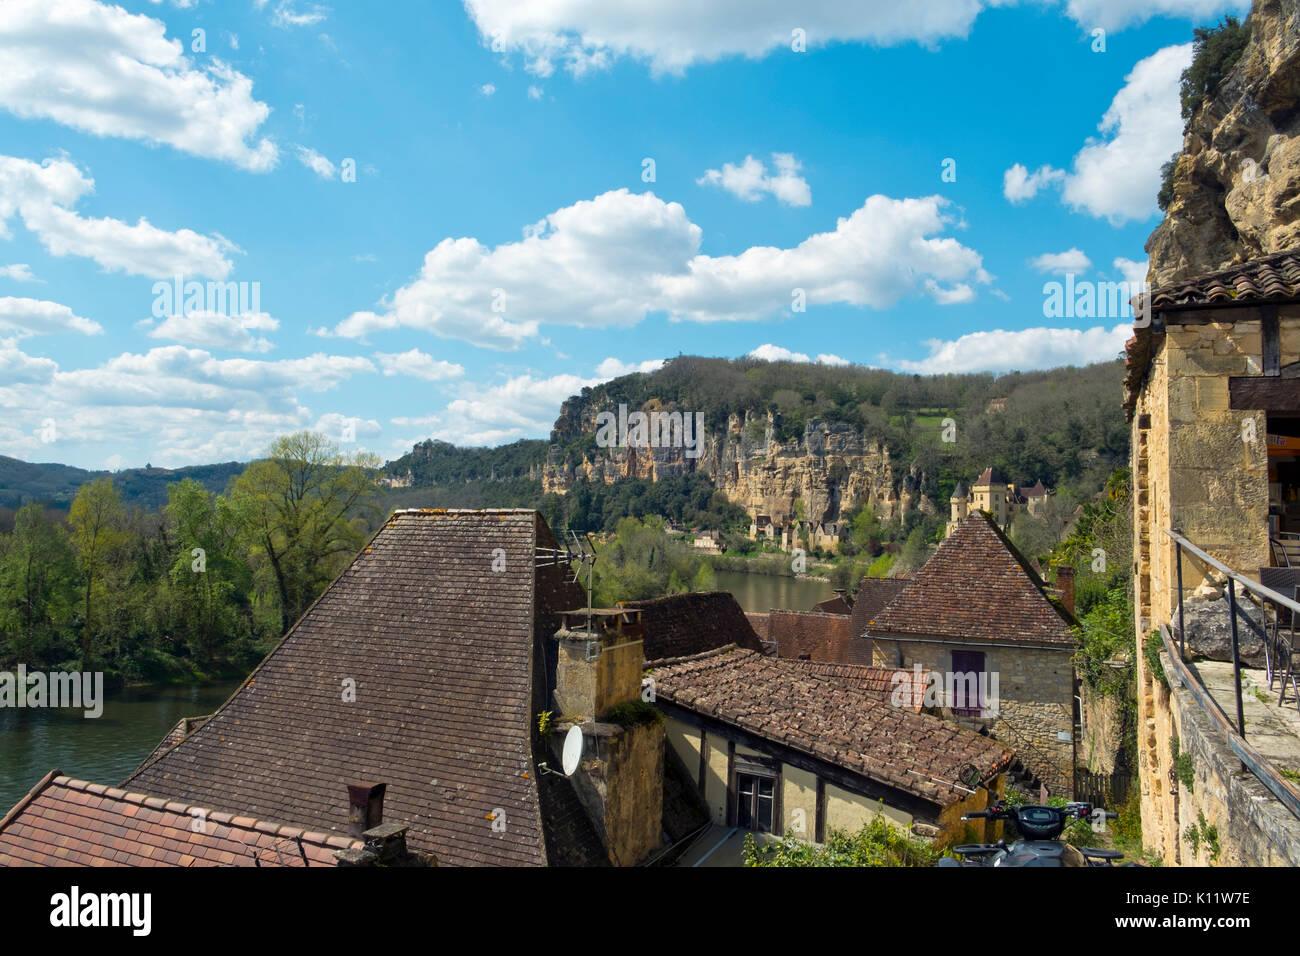 Ausblick über die Dächer der malerischen La Roque-Gageac unter dem Felsen neben dem Fluss Dordogne in der Dordogne, Nouvelle Aquitaine, Frankreich Stockbild